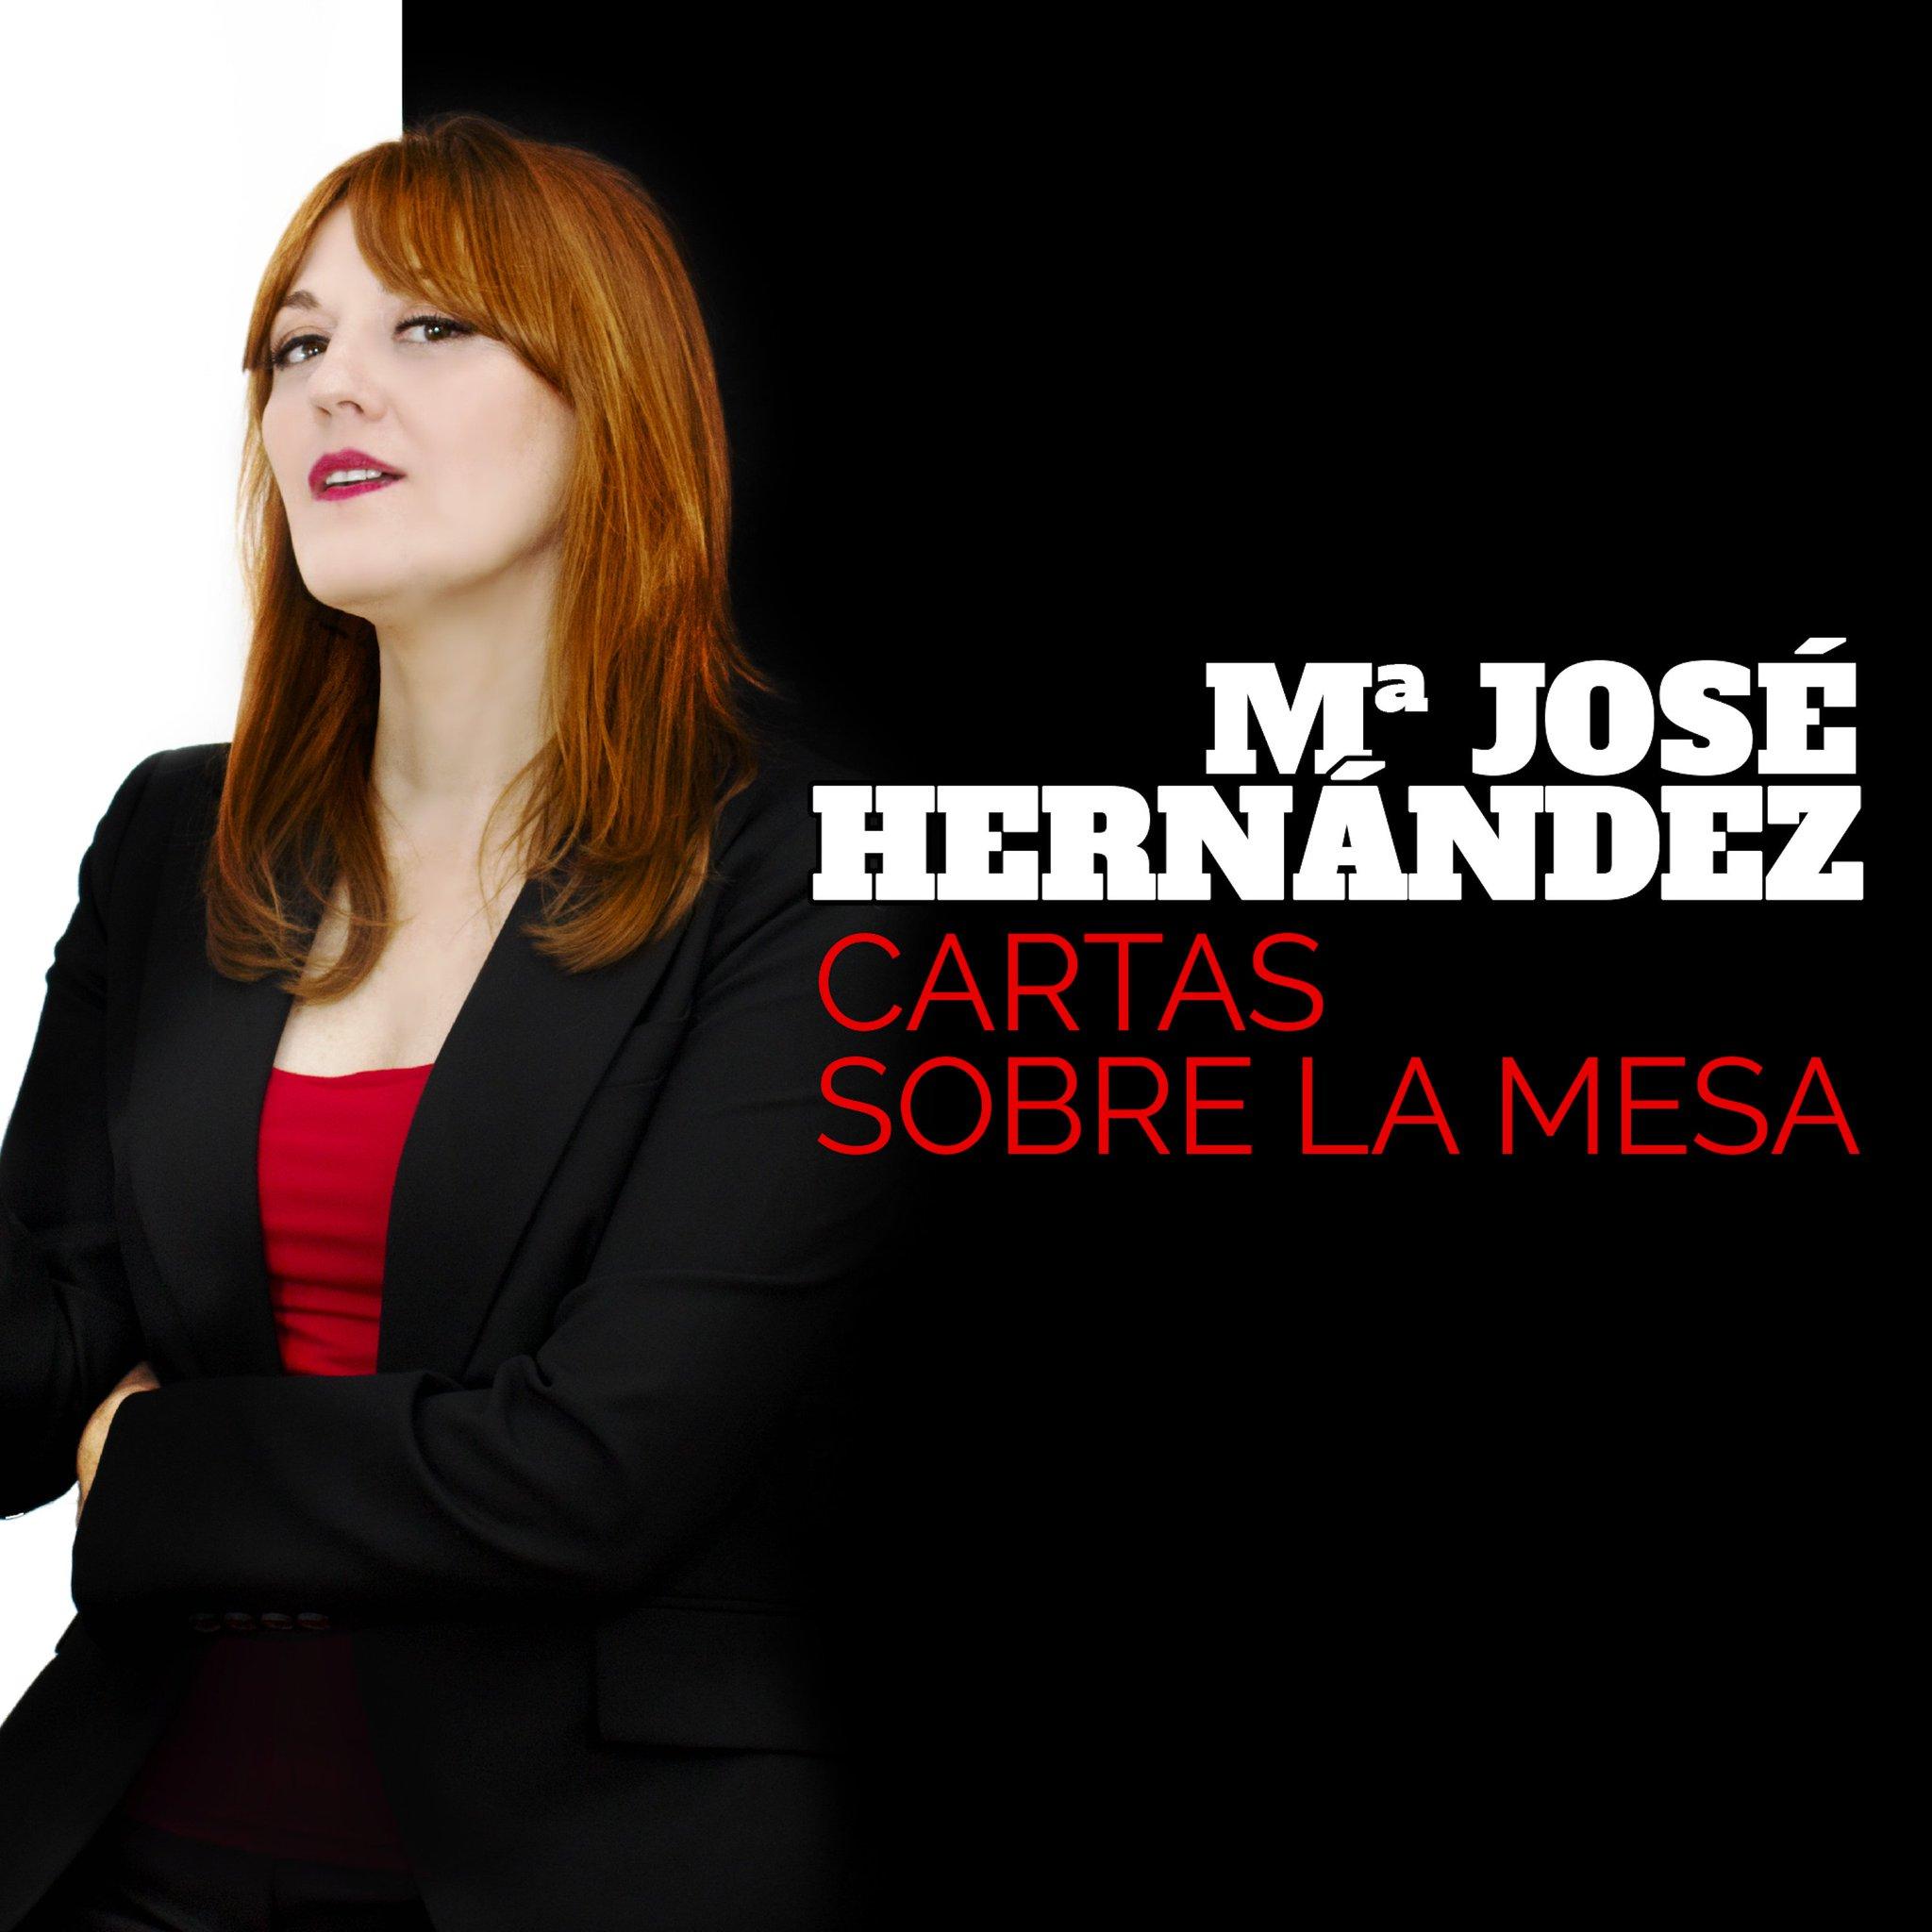 María José Hernández – Cartas sobre la mesa